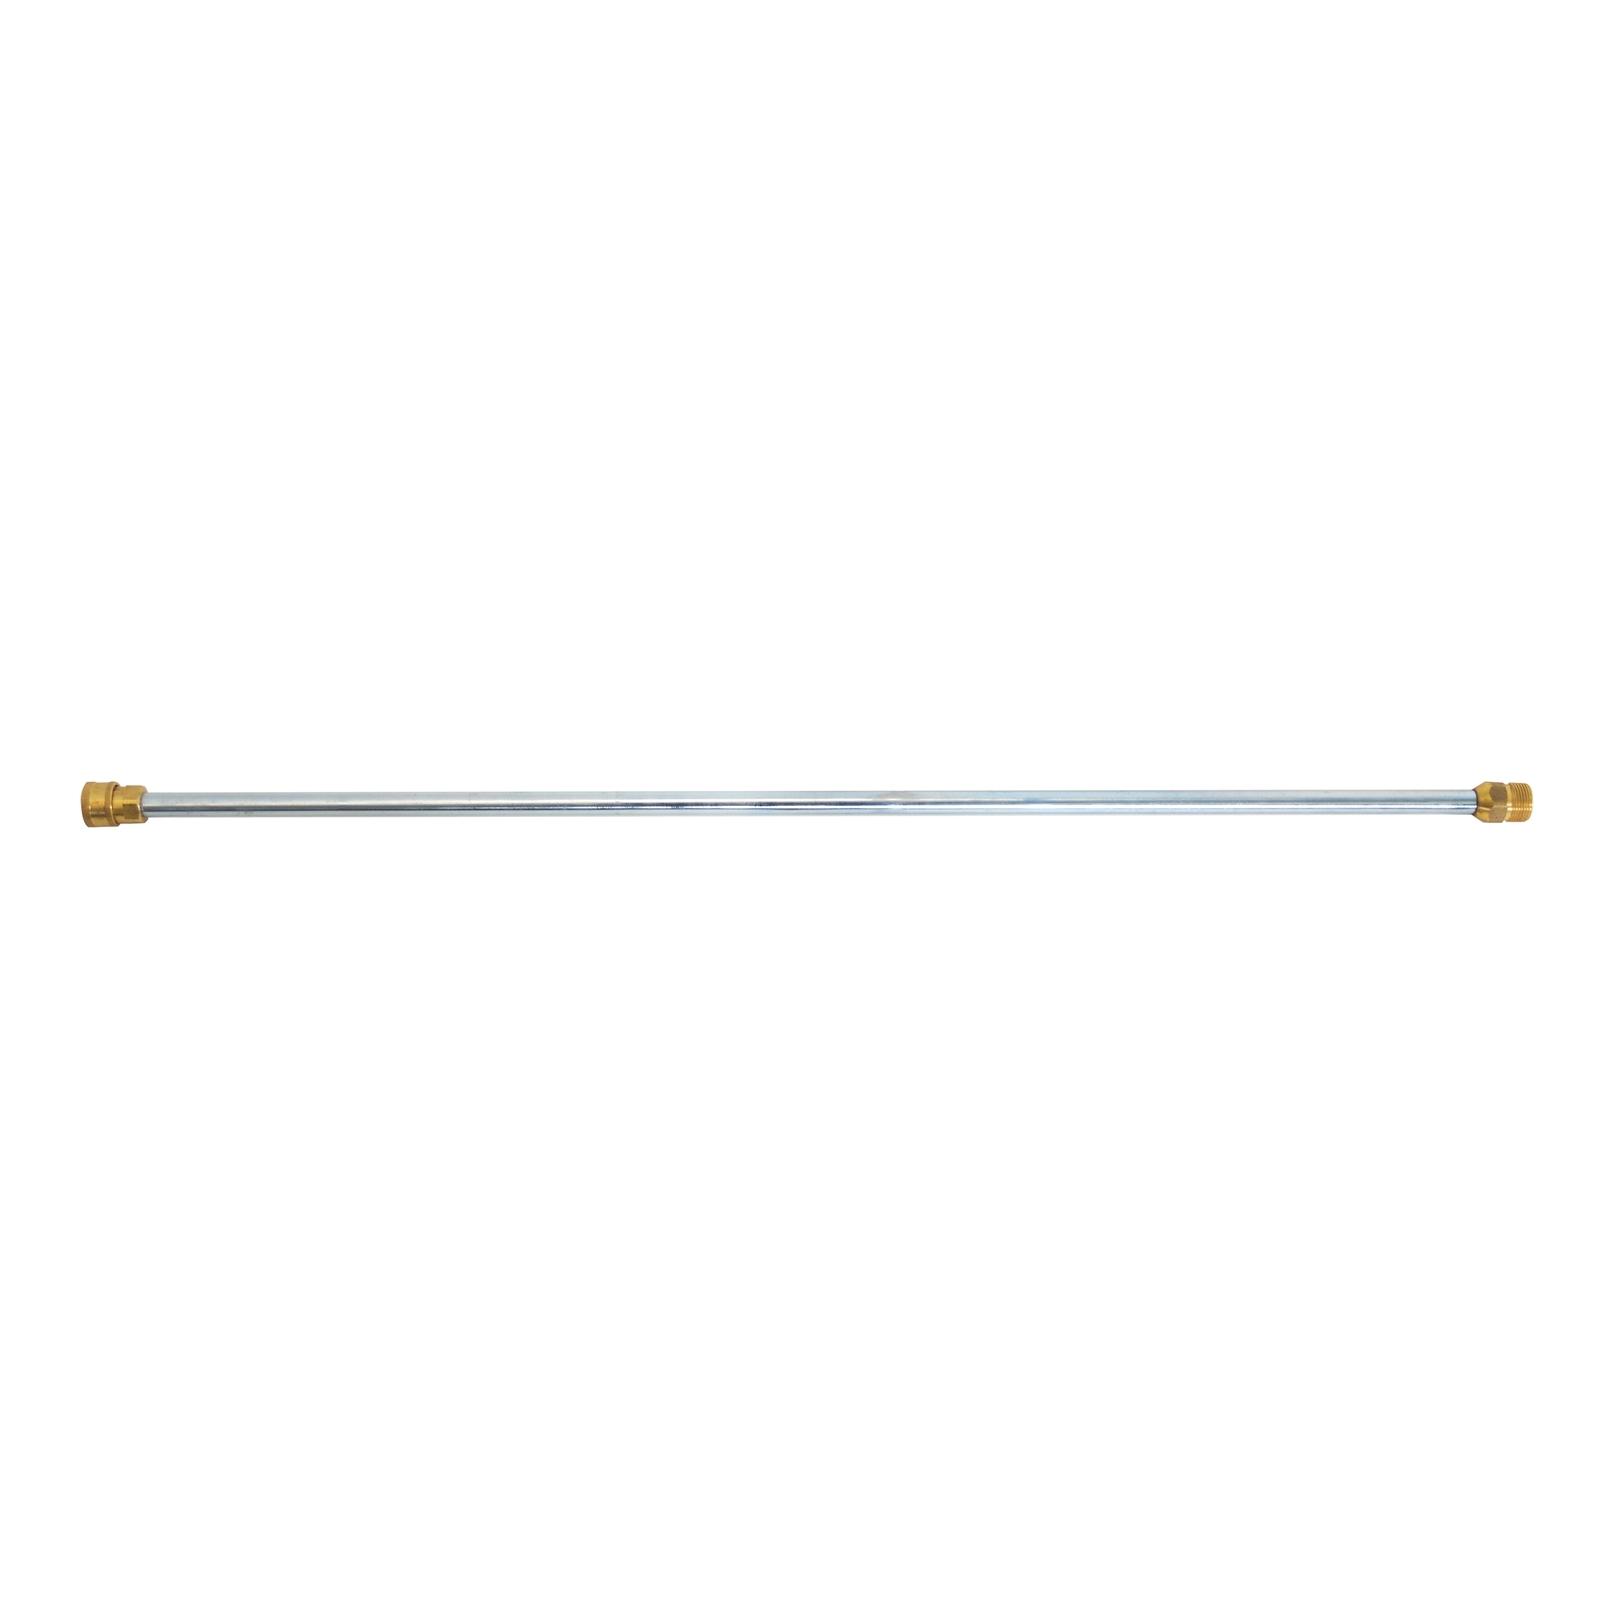 DeWALT 79cm Pressure Washer Accessory Spray Lance